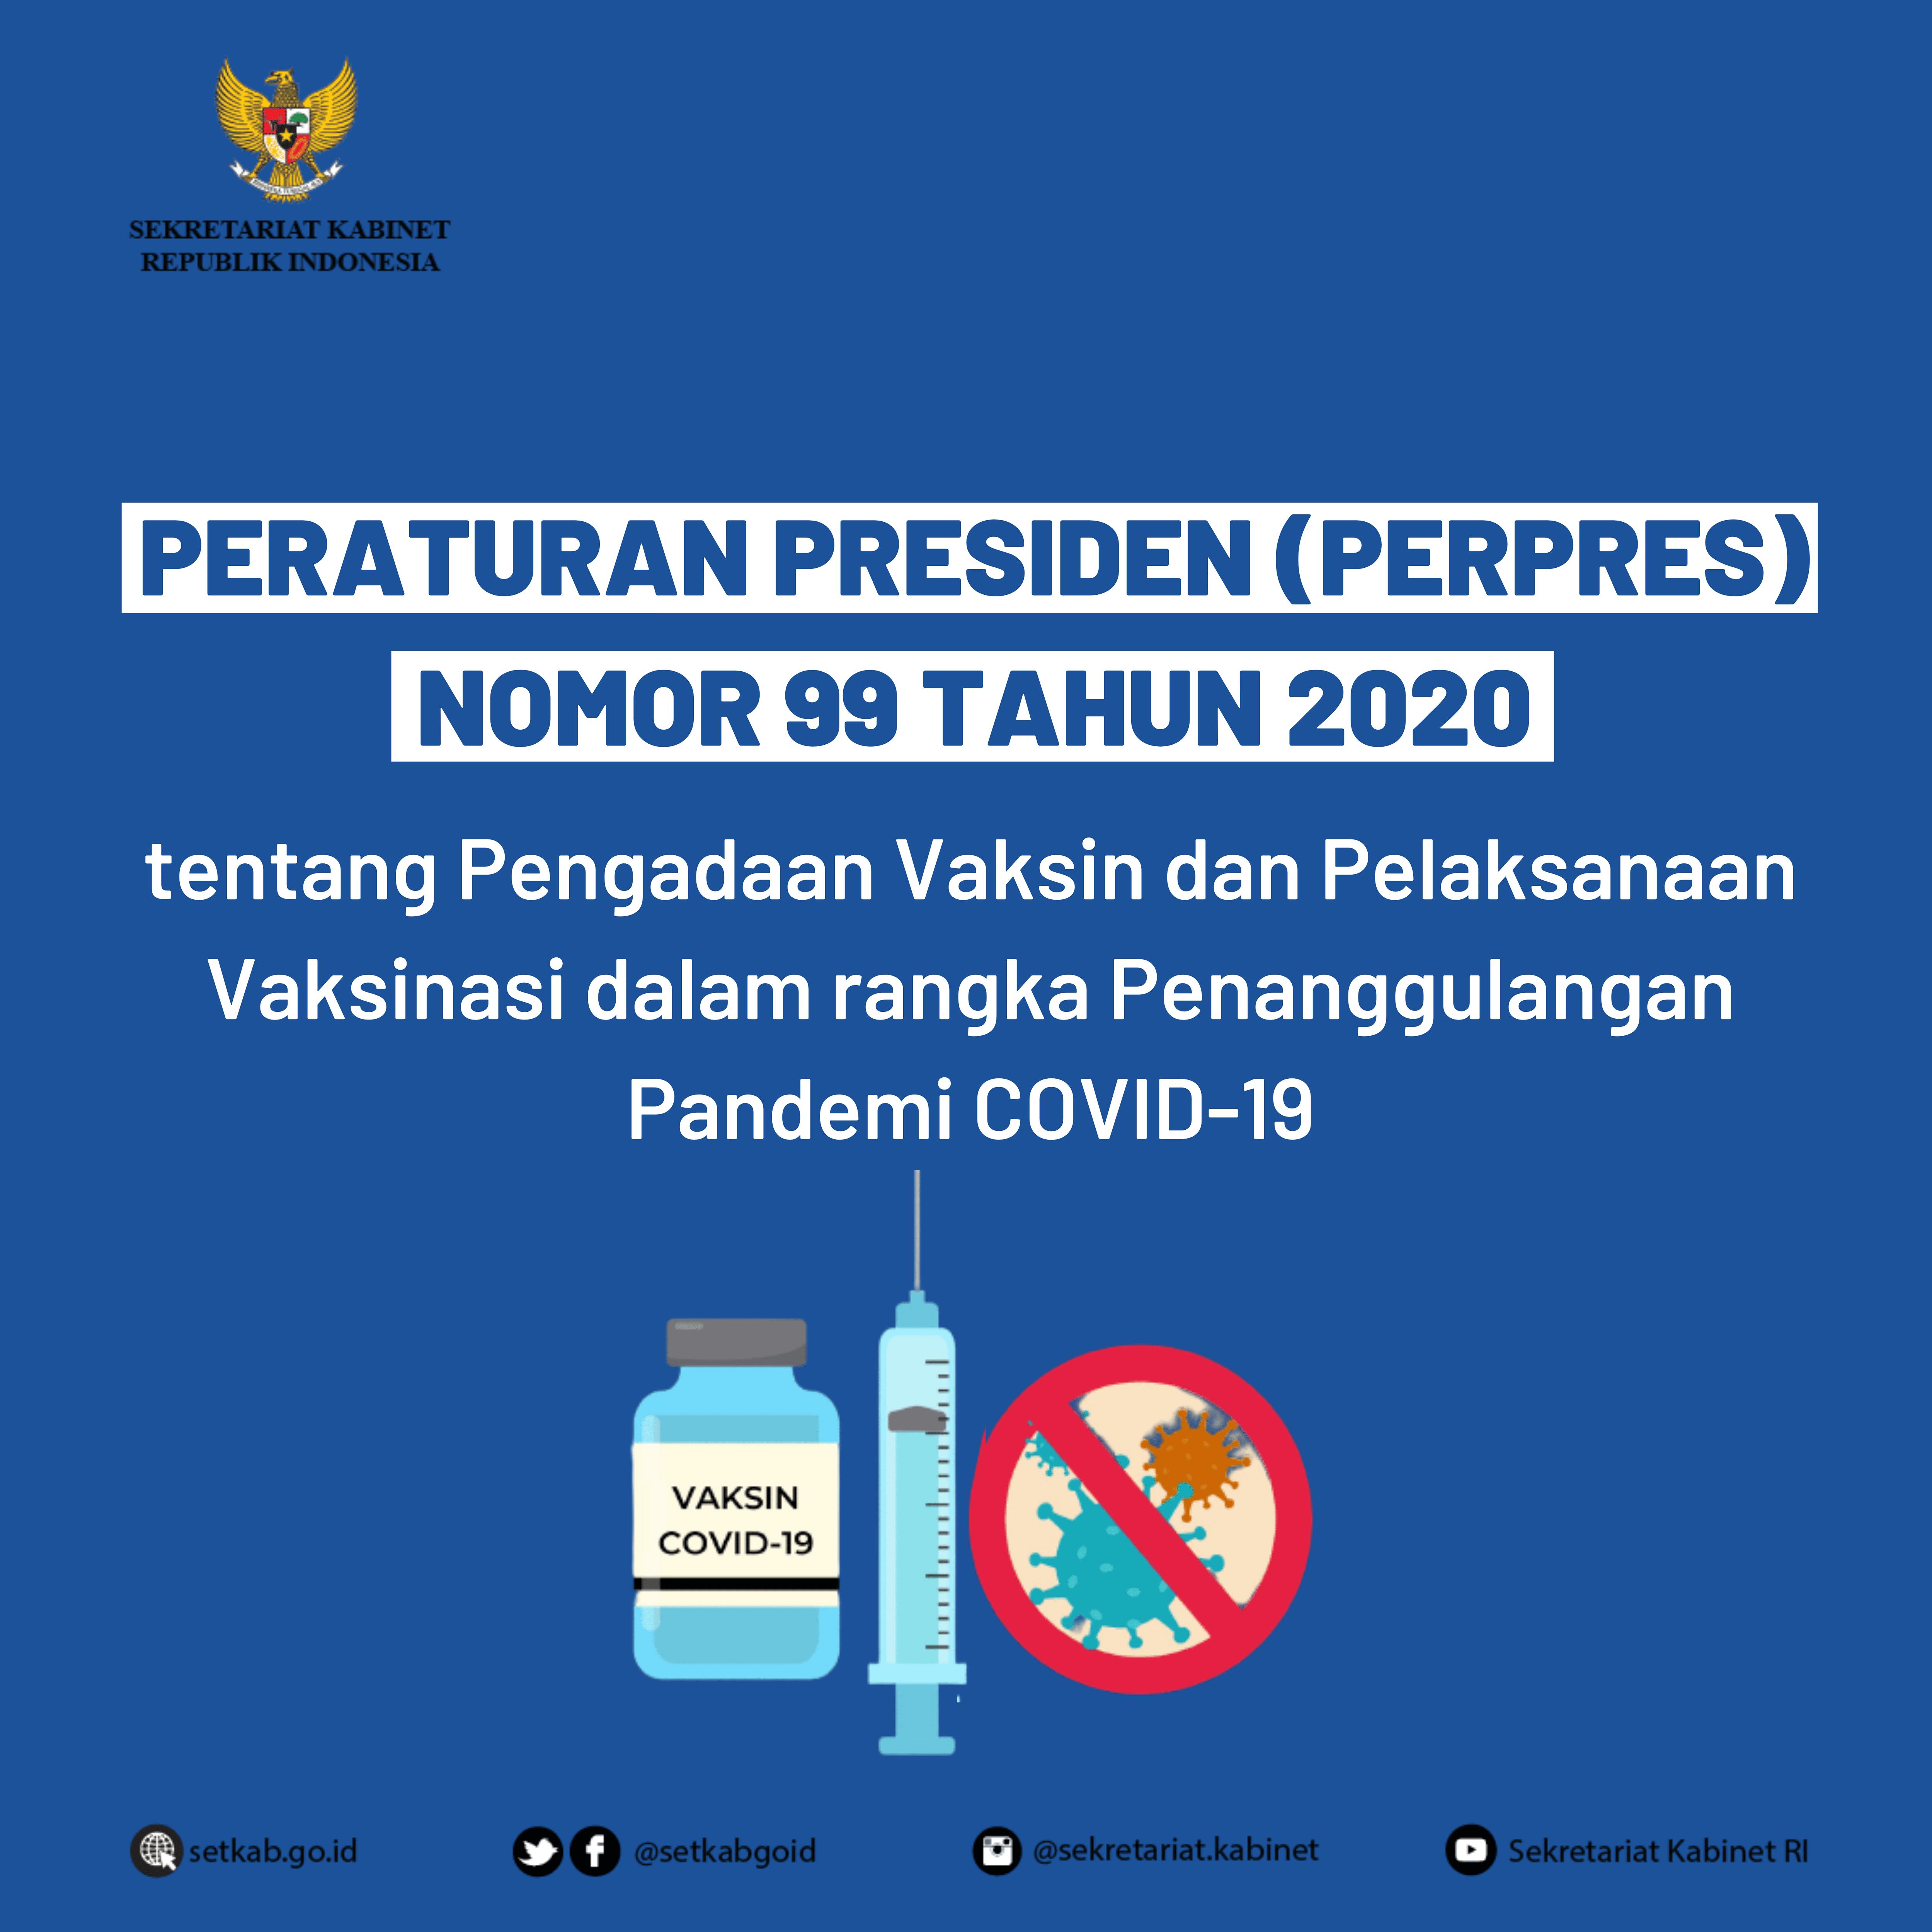 Perpres Nomor 99 Tahun 2020 tentang Pengadaan Vaksin dan Pelaksanaan Vaksinasi Dalam Rangka Penanggulangan Pandemi Covid-19